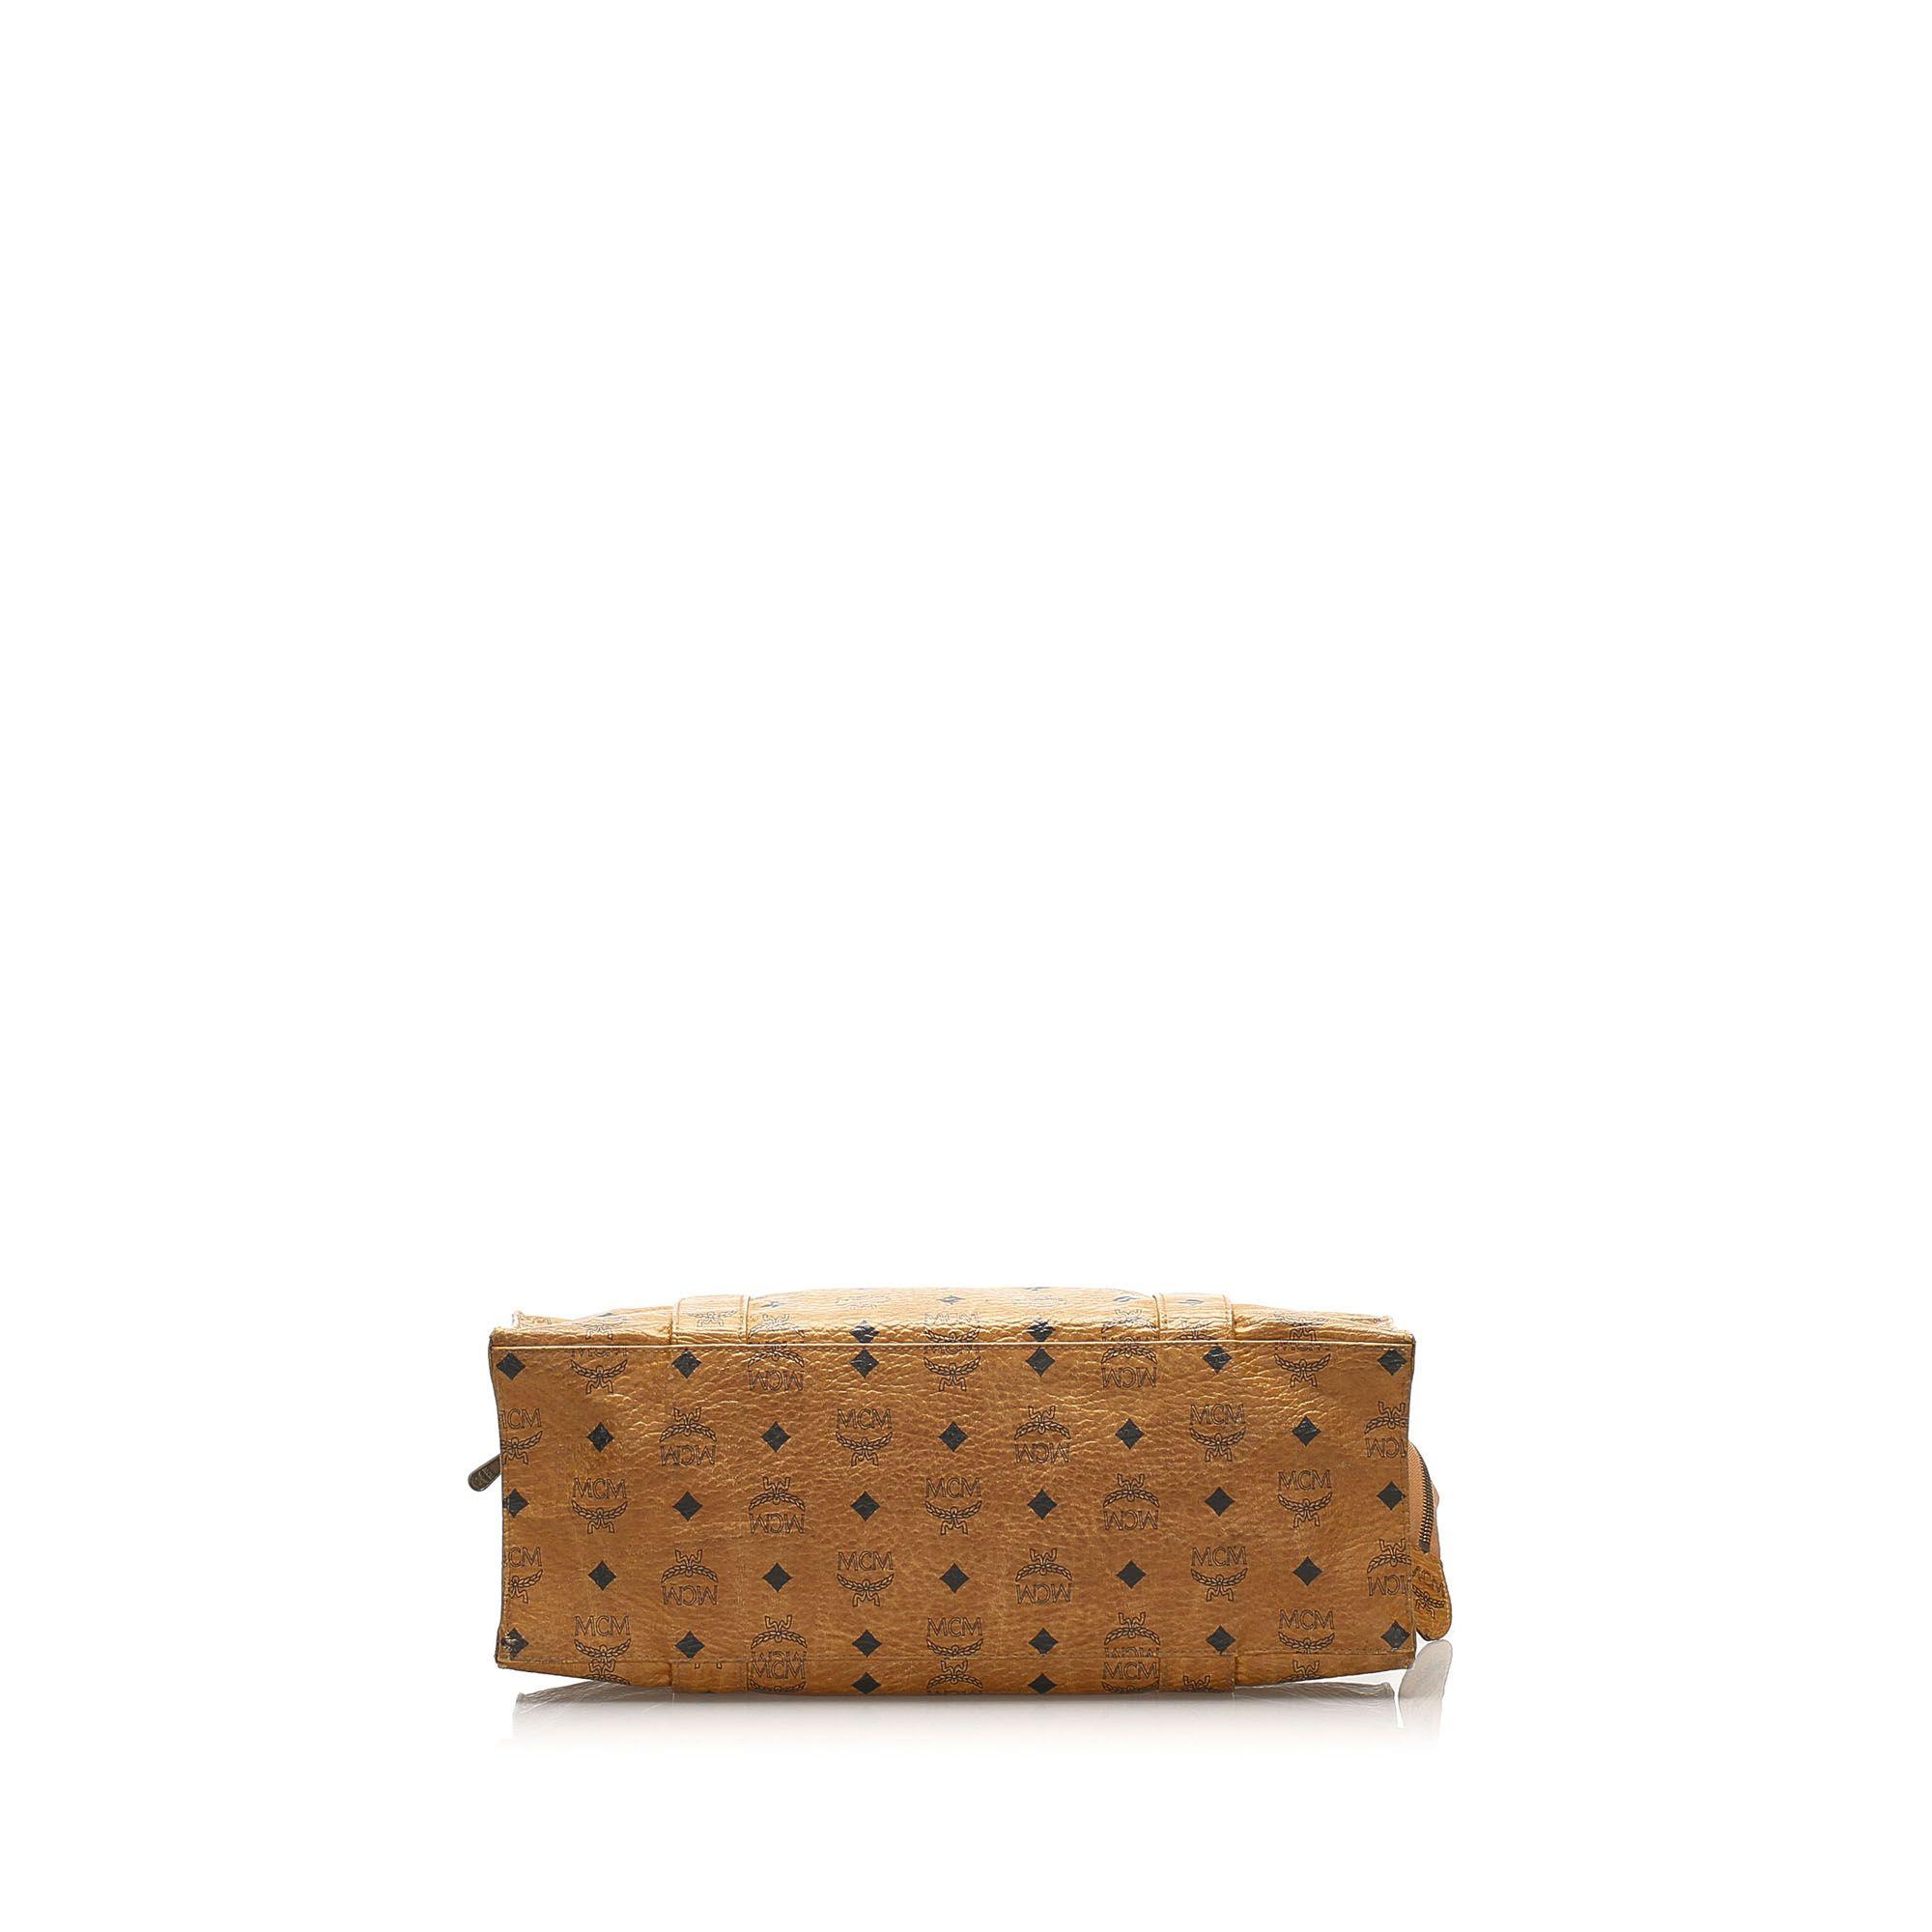 Vintage MCM Visetos Leather Tote Bag Brown